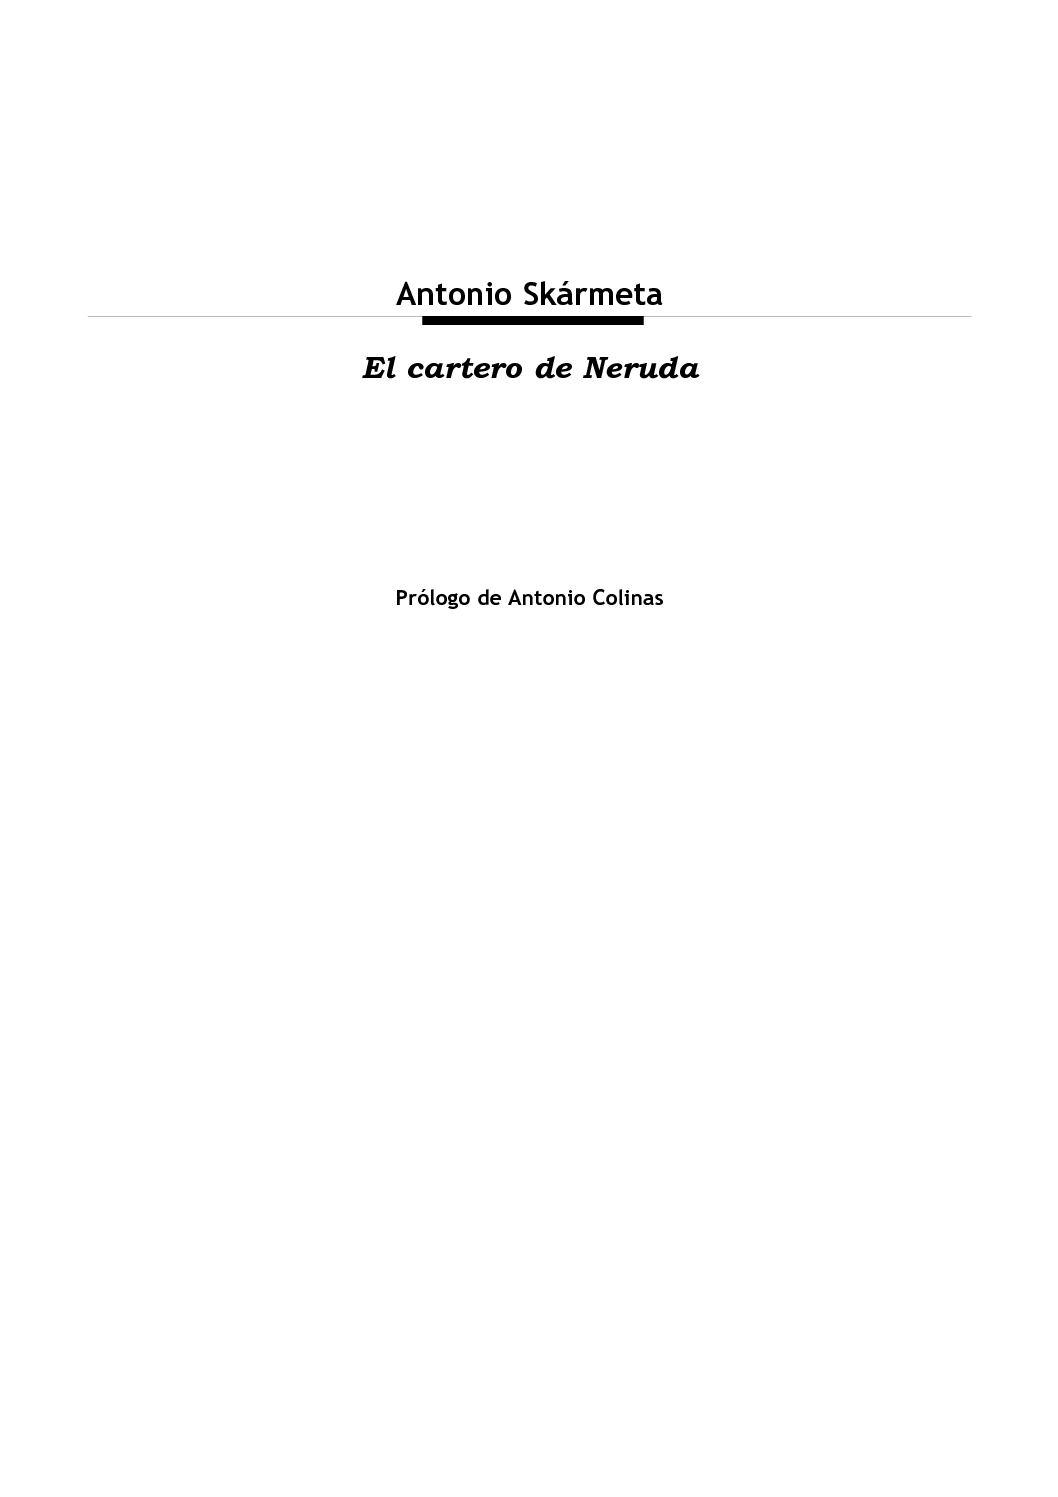 Calaméo Skármeta Antonio El Cartero De Neruda